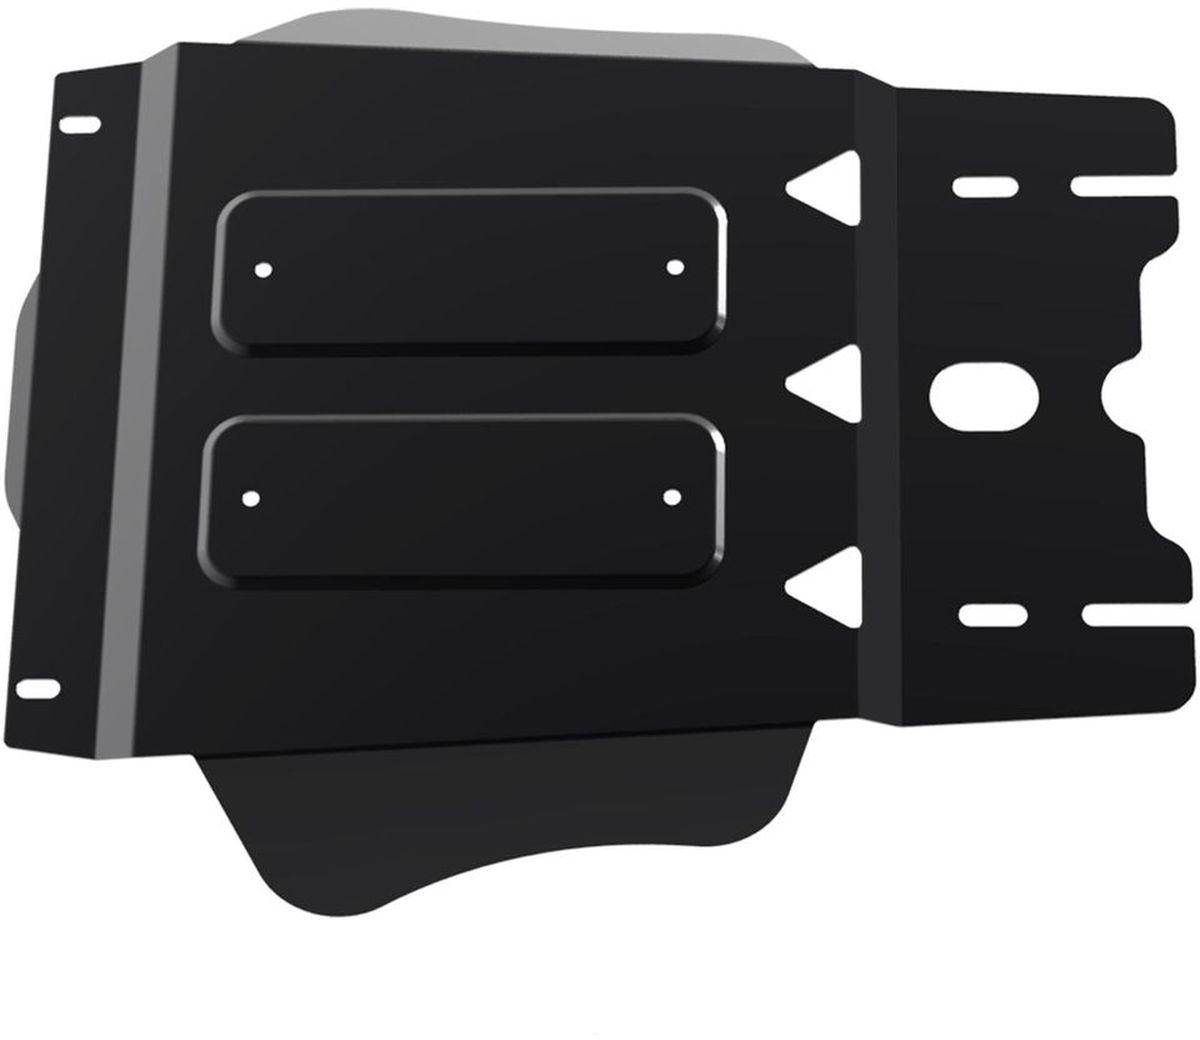 Защита КПП Автоброня Mercedes Benz С240 2000-2007, сталь 2 мм111.03905.1Защита КПП Автоброня Mercedes Benz С240 (W203) V - 2,4 АКПП 2000-2007, сталь 2 мм, комплект крепежа, 111.03905.1Дополнительно можно приобрести другие защитные элементы из комплекта: защита радиатора - 111.03902.1, защита картера- 111.03904.1Стальные защиты Автоброня надежно защищают ваш автомобиль от повреждений при наезде на бордюры, выступающие канализационные люки, кромки поврежденного асфальта или при ремонте дорог, не говоря уже о загородных дорогах.- Имеют оптимальное соотношение цена-качество.- Спроектированы с учетом особенностей автомобиля, что делает установку удобной.- Защита устанавливается в штатные места кузова автомобиля.- Является надежной защитой для важных элементов на протяжении долгих лет.- Глубокий штамп дополнительно усиливает конструкцию защиты.- Подштамповка в местах крепления защищает крепеж от срезания.- Технологические отверстия там, где они необходимы для смены масла и слива воды, оборудованные заглушками, закрепленными на защите.Толщина стали 2 мм.В комплекте крепеж и инструкция по установке.Уважаемые клиенты!Обращаем ваше внимание на тот факт, что защита имеет форму, соответствующую модели данного автомобиля. Наличие глубокого штампа и лючков для смены фильтров/масла предусмотрено не на всех защитах. Фото служит для визуального восприятия товара.